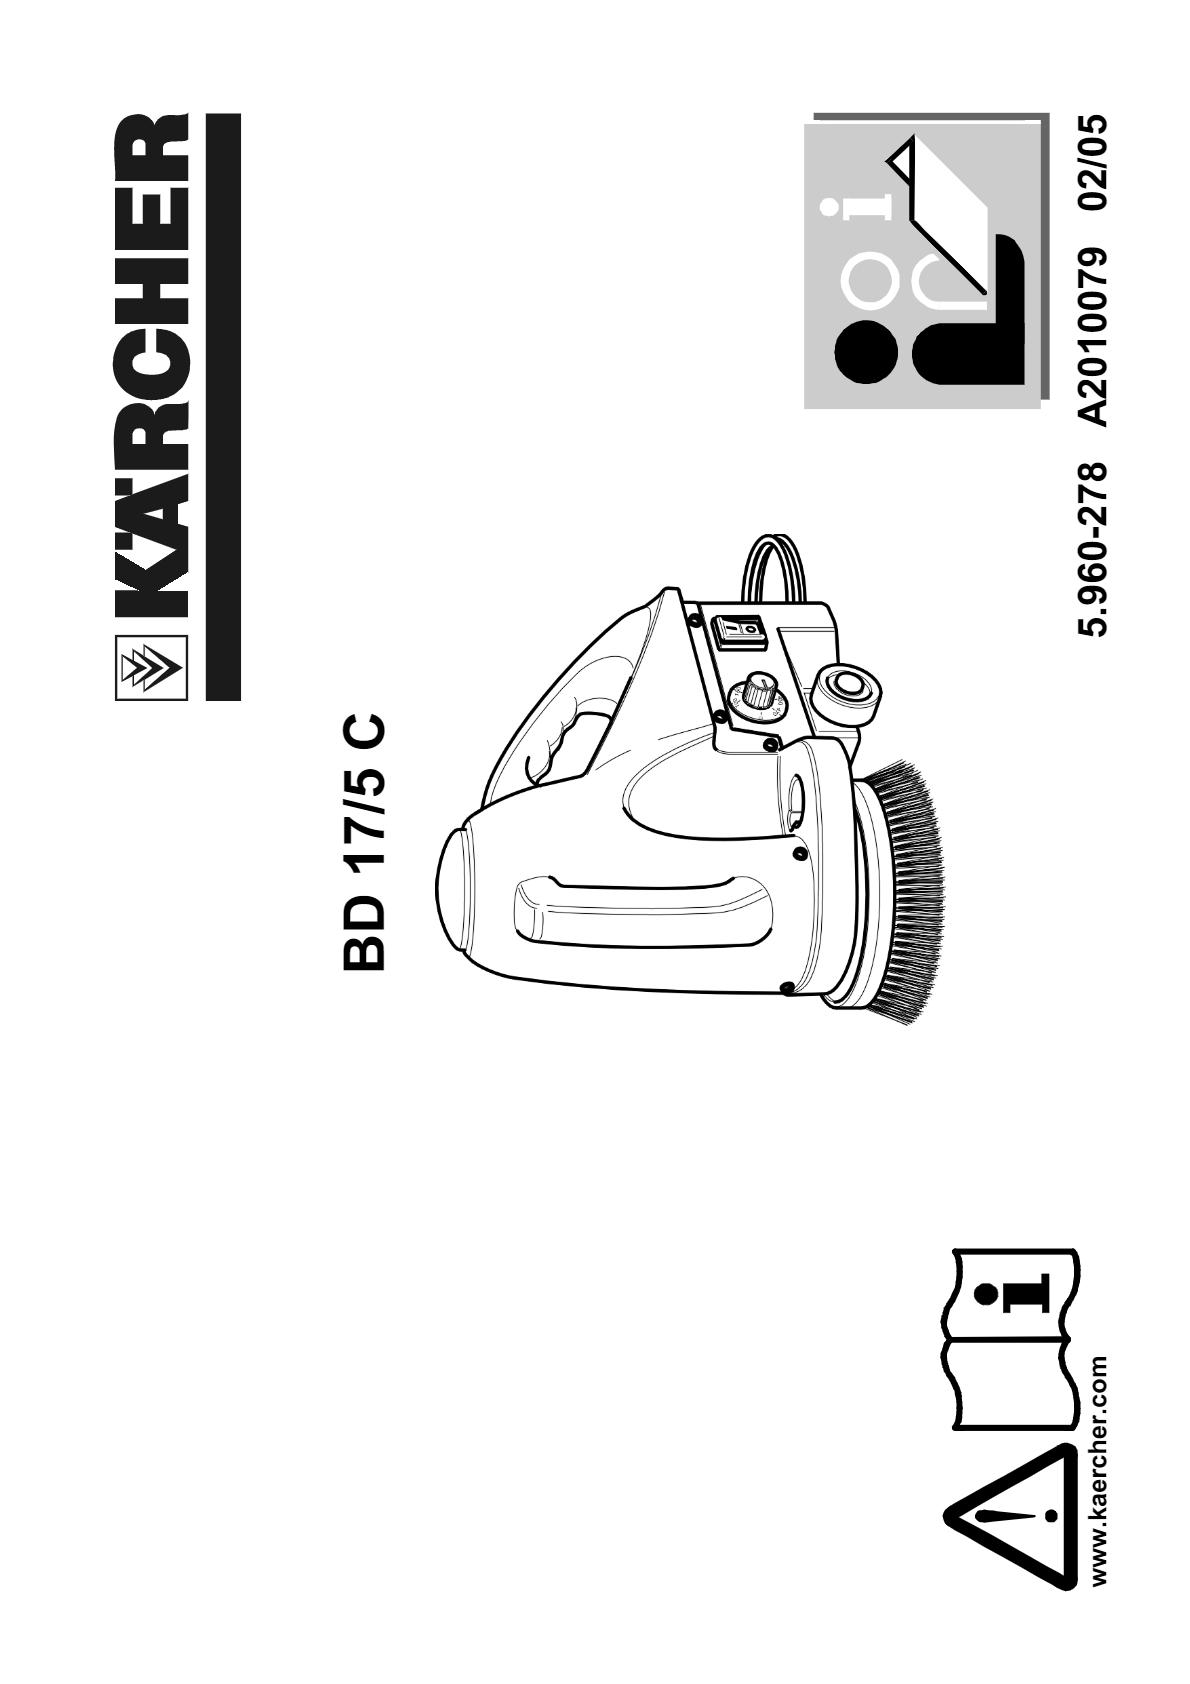 单擦机 BD 17/5 C 说明书说明书下载